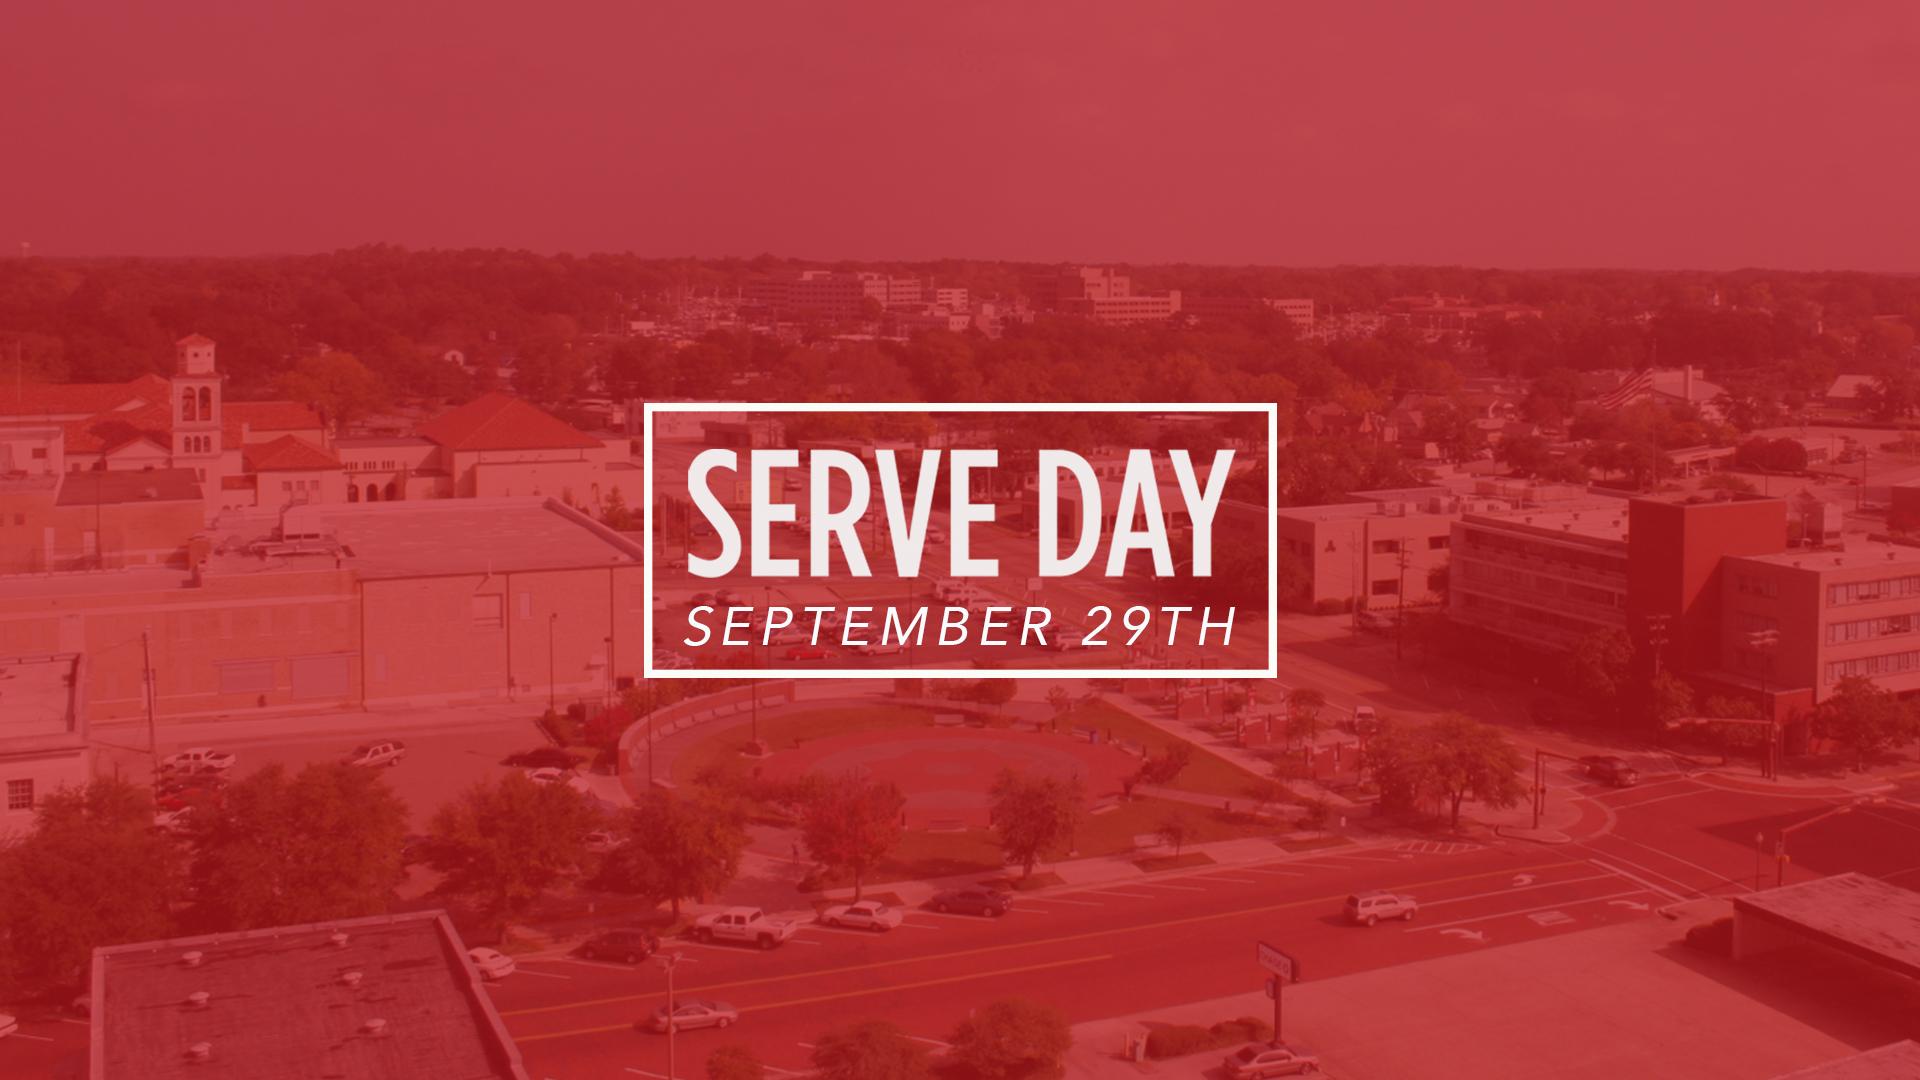 Serve Day 2018_V. 2.jpg